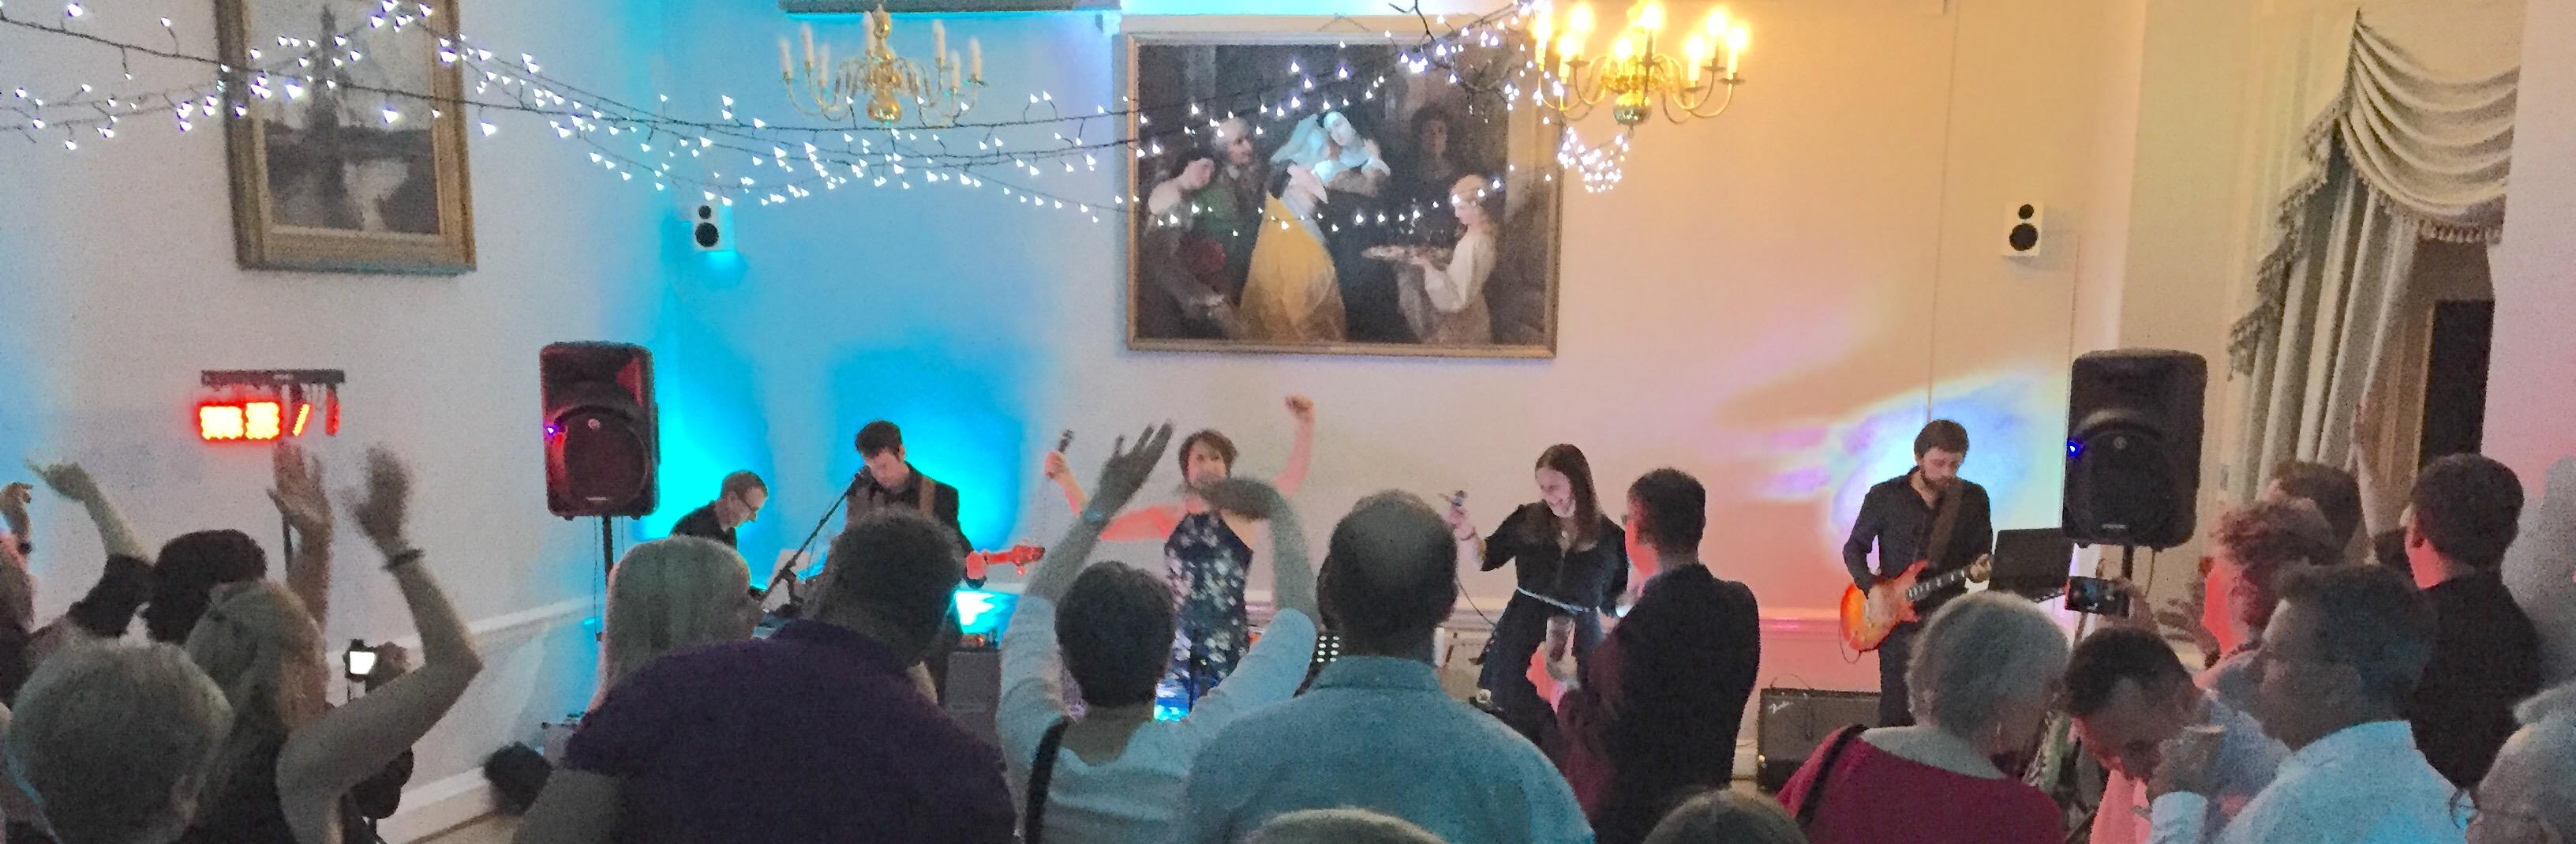 Bandeoke, rockaoke, live band karaoke